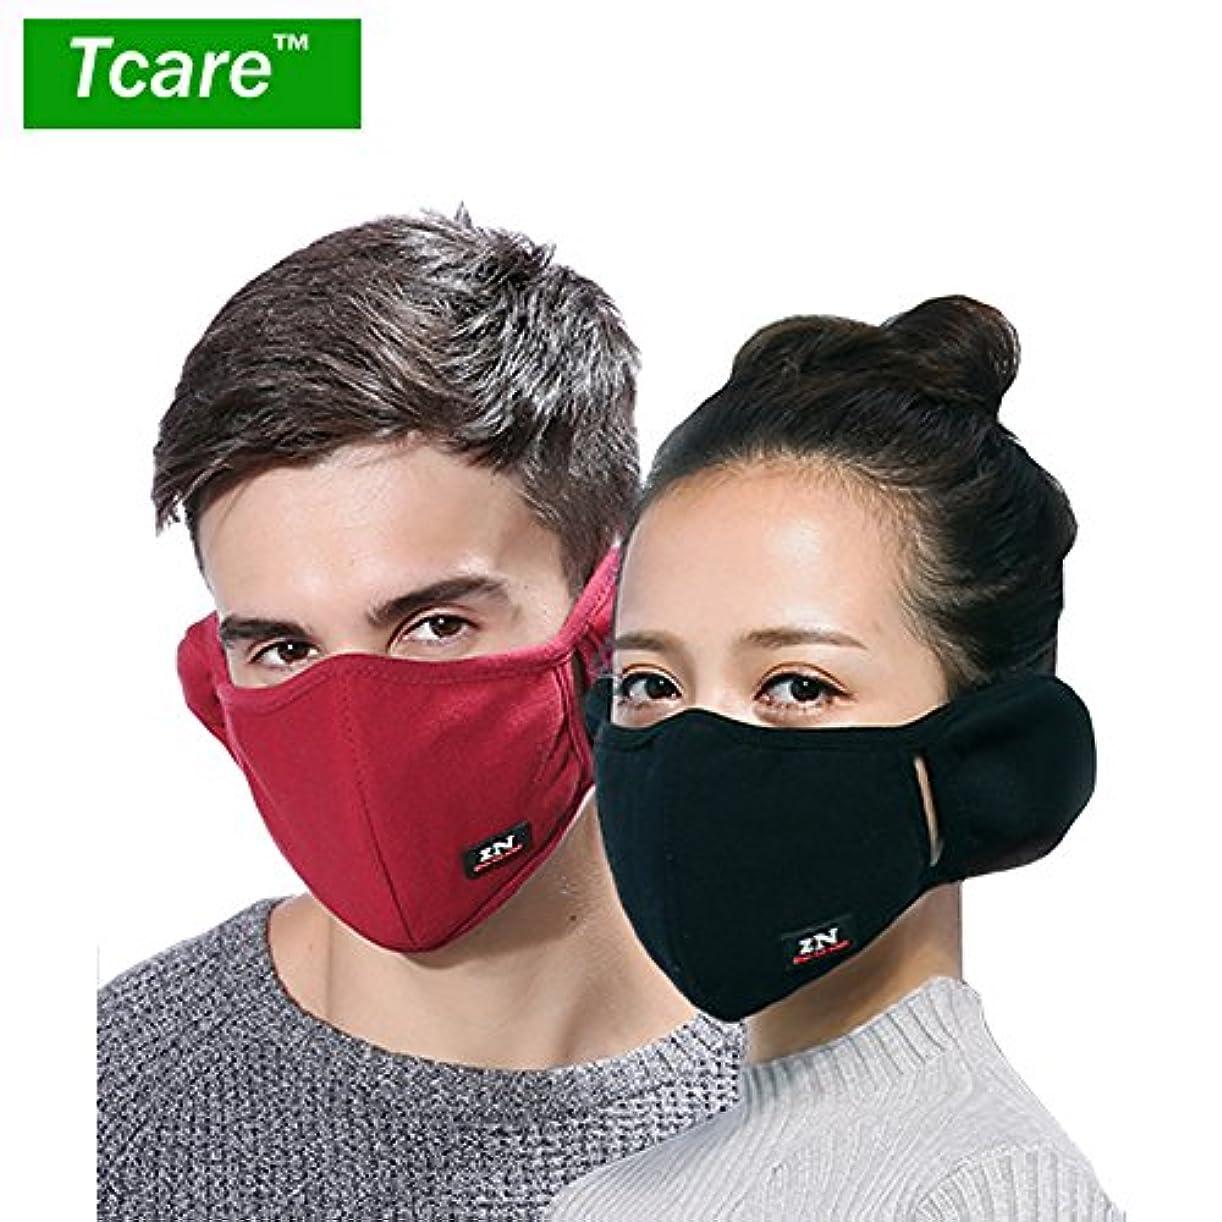 ご飯平和スムーズに男性女性の少年少女のためのTcare呼吸器2レイヤピュアコットン保護フィルター挿入口:6ピンク